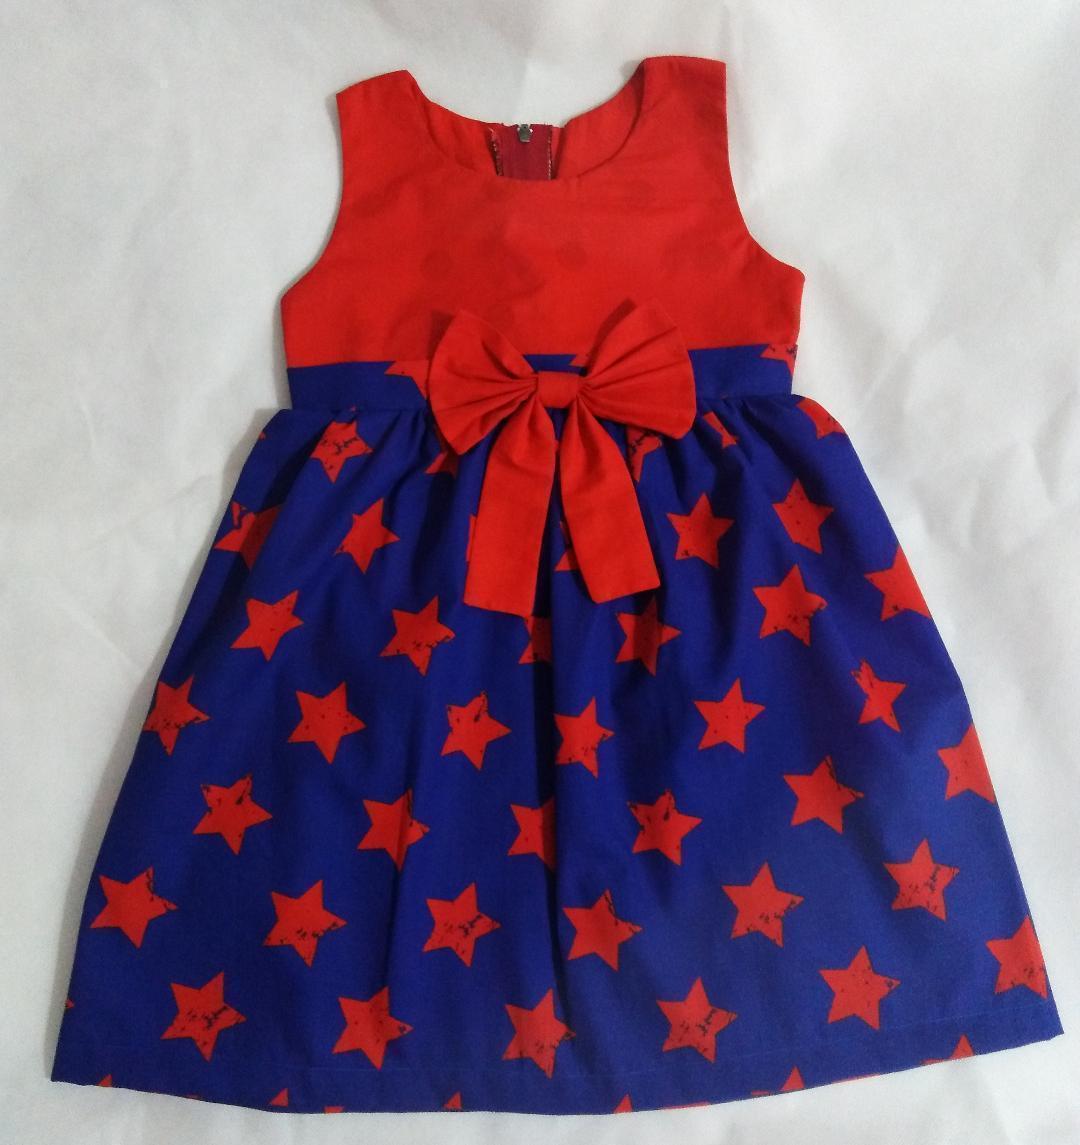 red n blue shiro dress.jpg